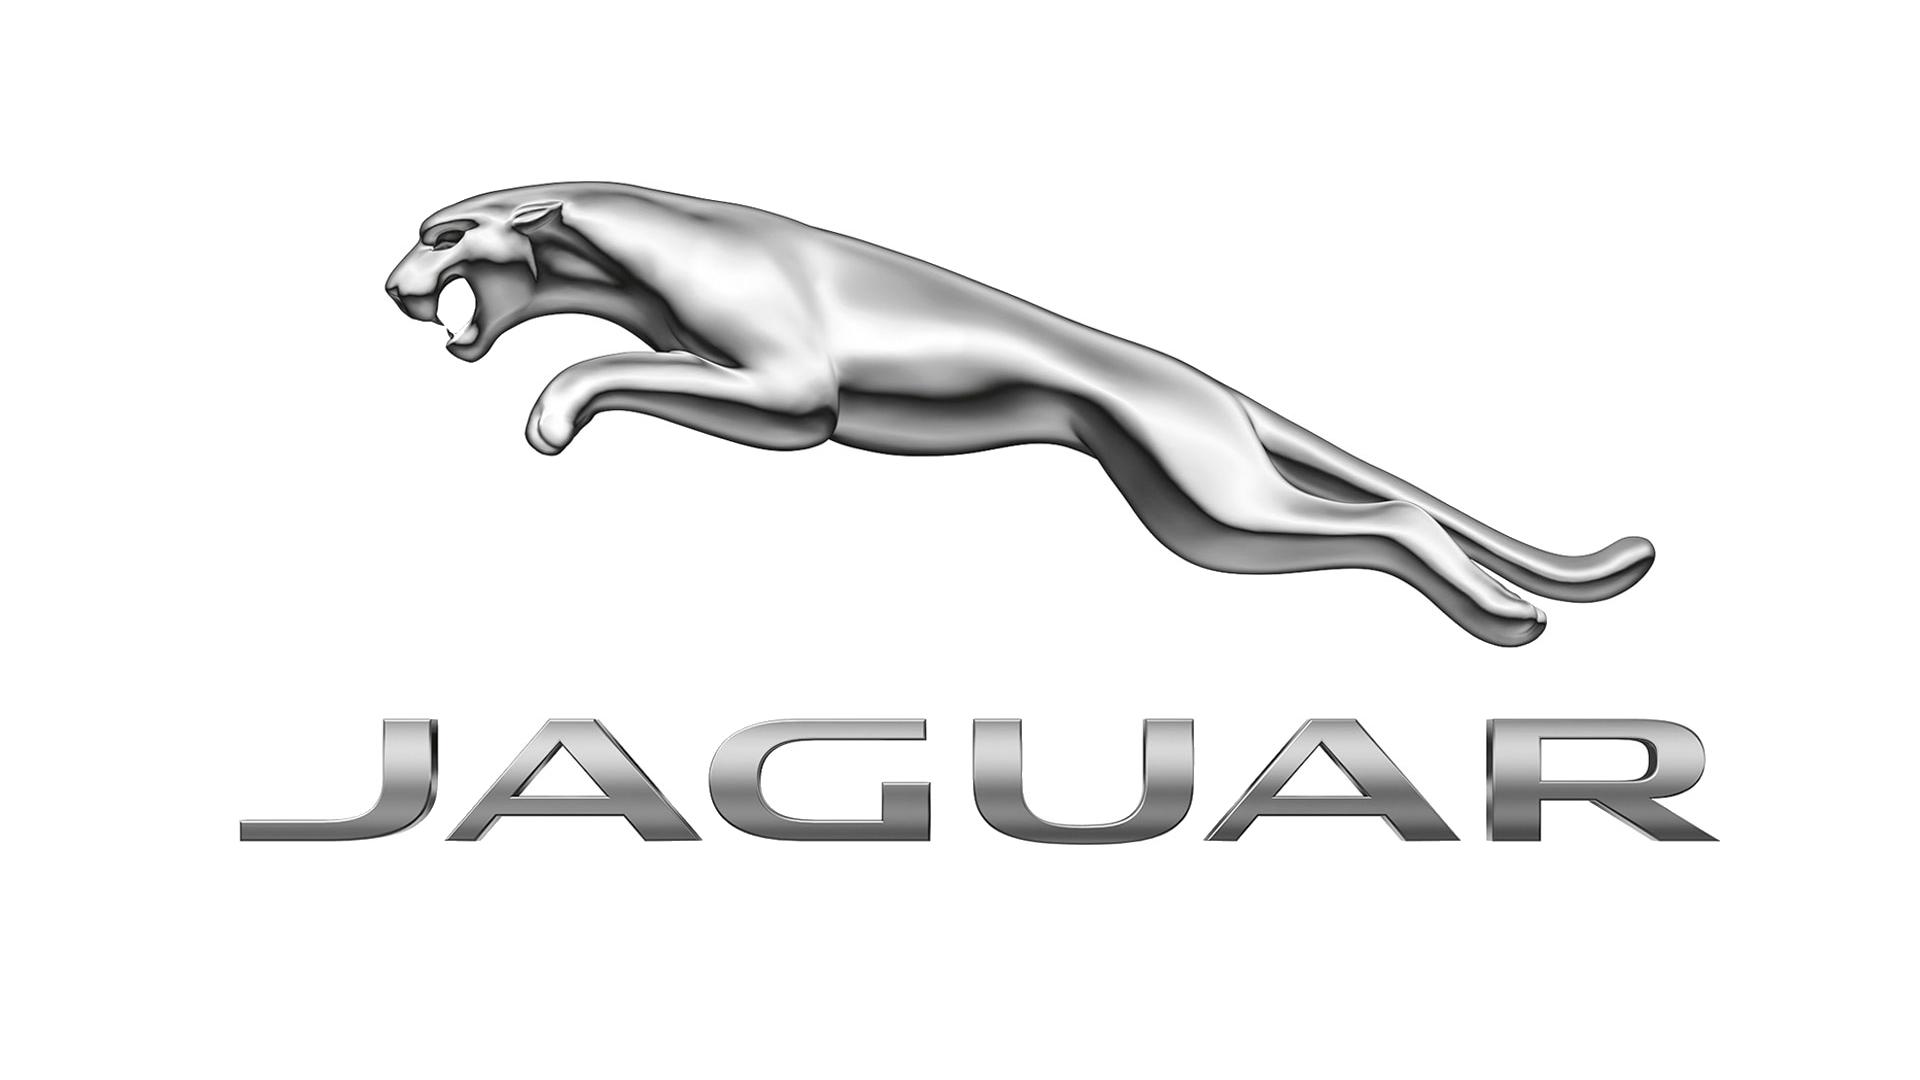 Jaguar logo (2012u2013Present) 1920x1080 HD png - Jaguar HD PNG